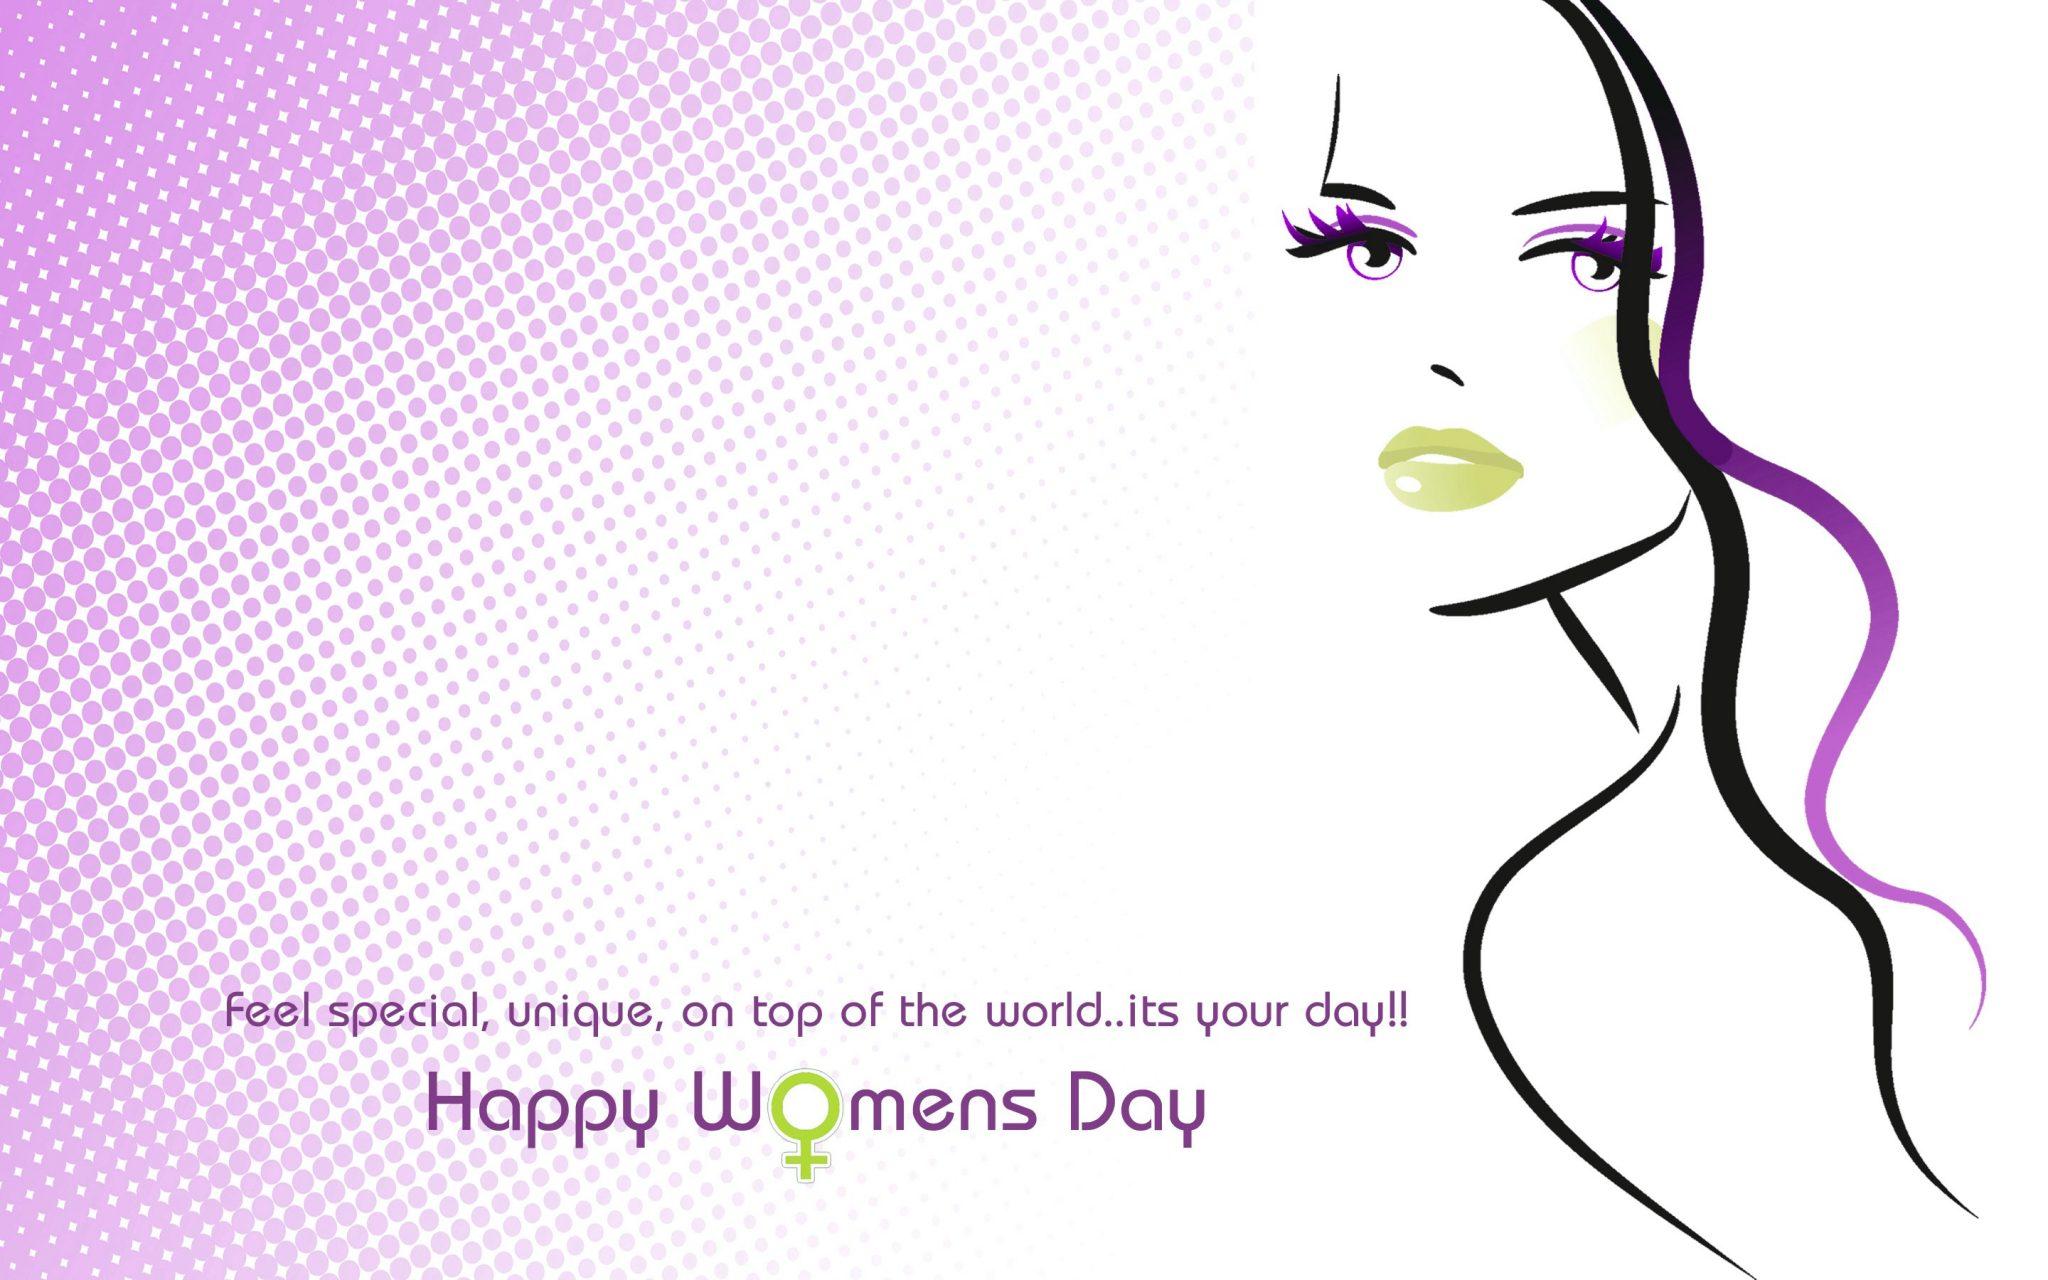 Happy-Women-Day-8-3-Wallpaper-HD-02